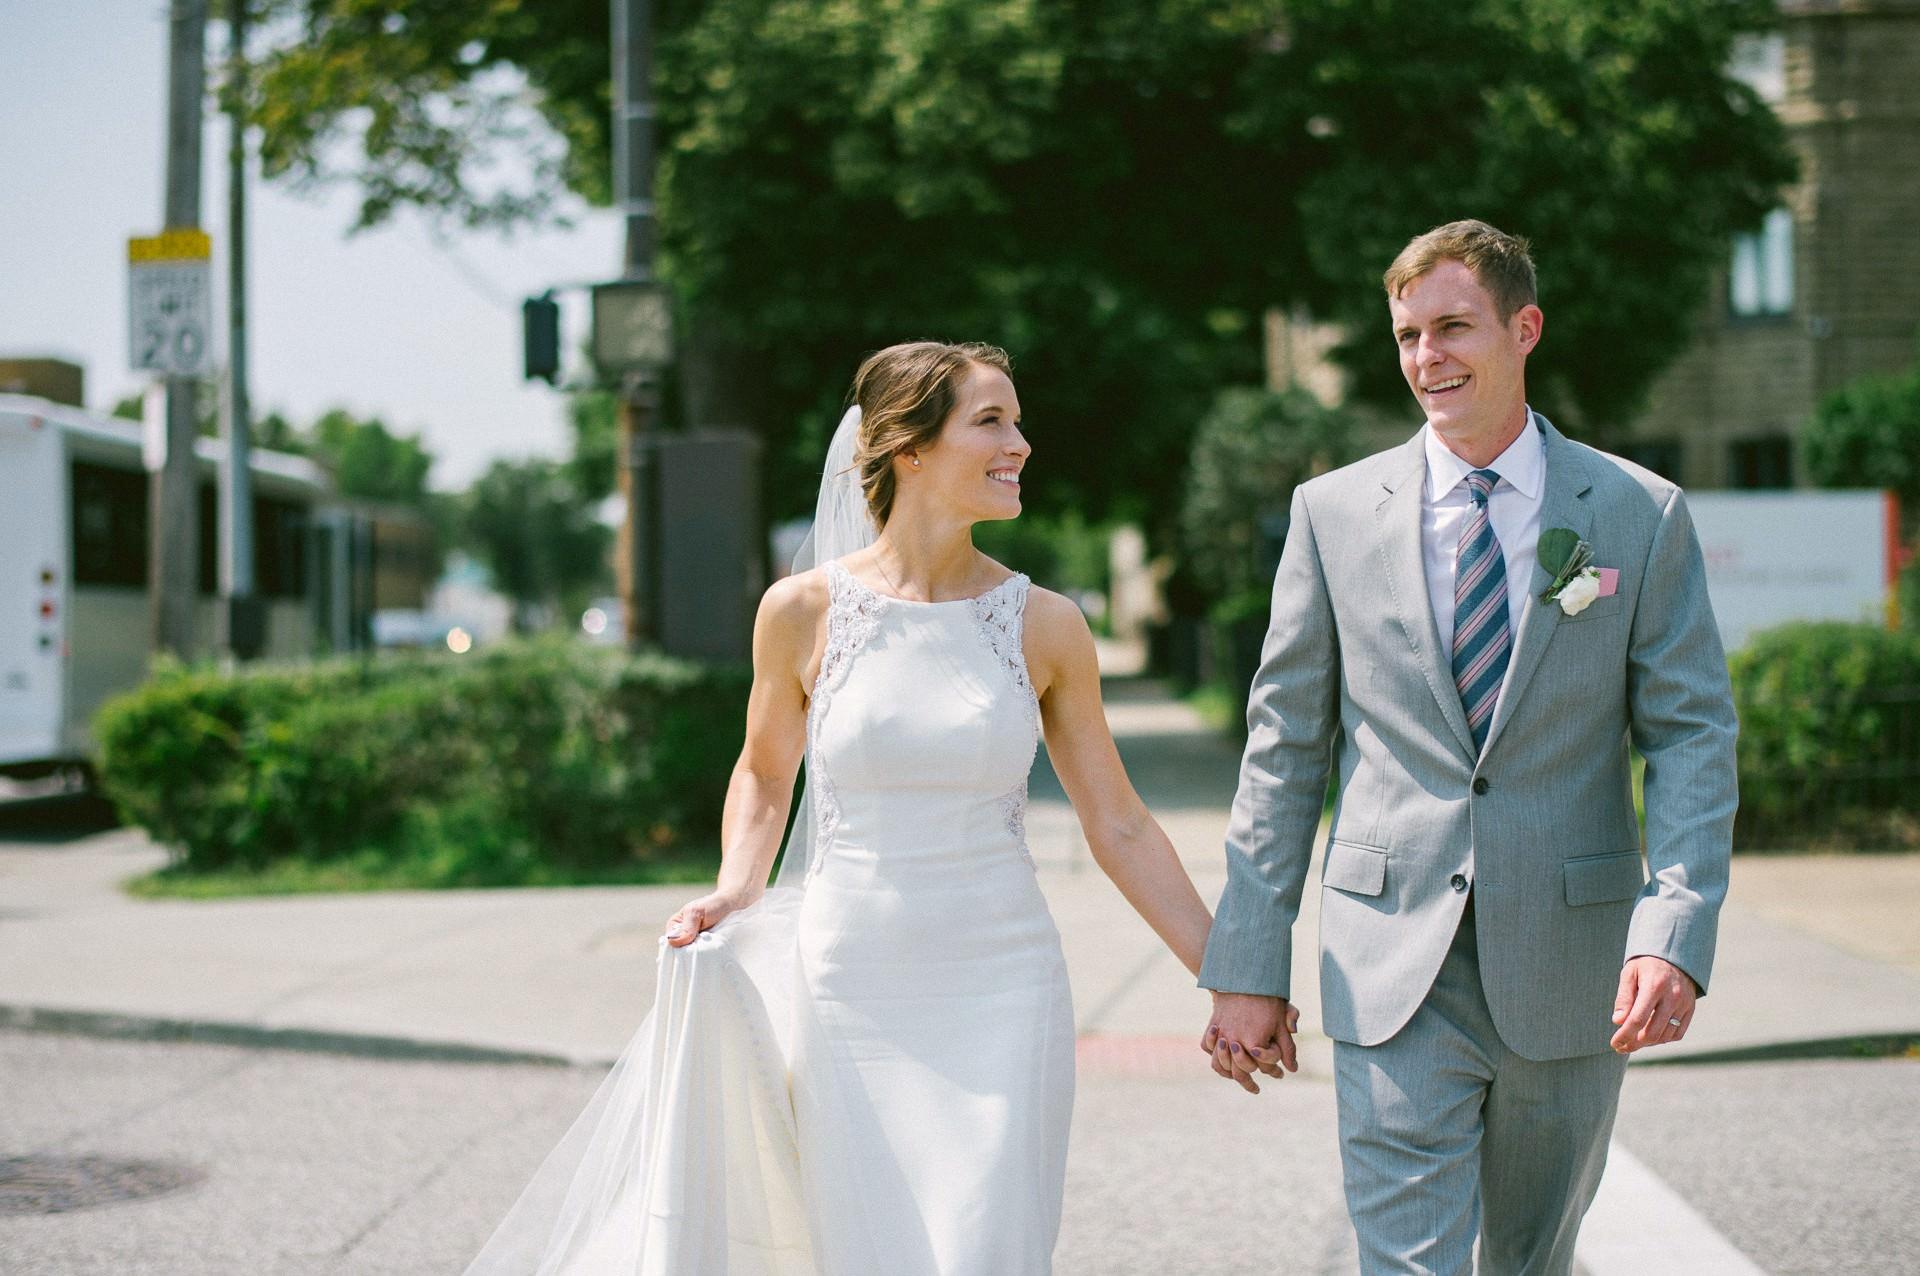 The Madison Wedding Venue Cleveland Wedding Photographer 00155.JPG